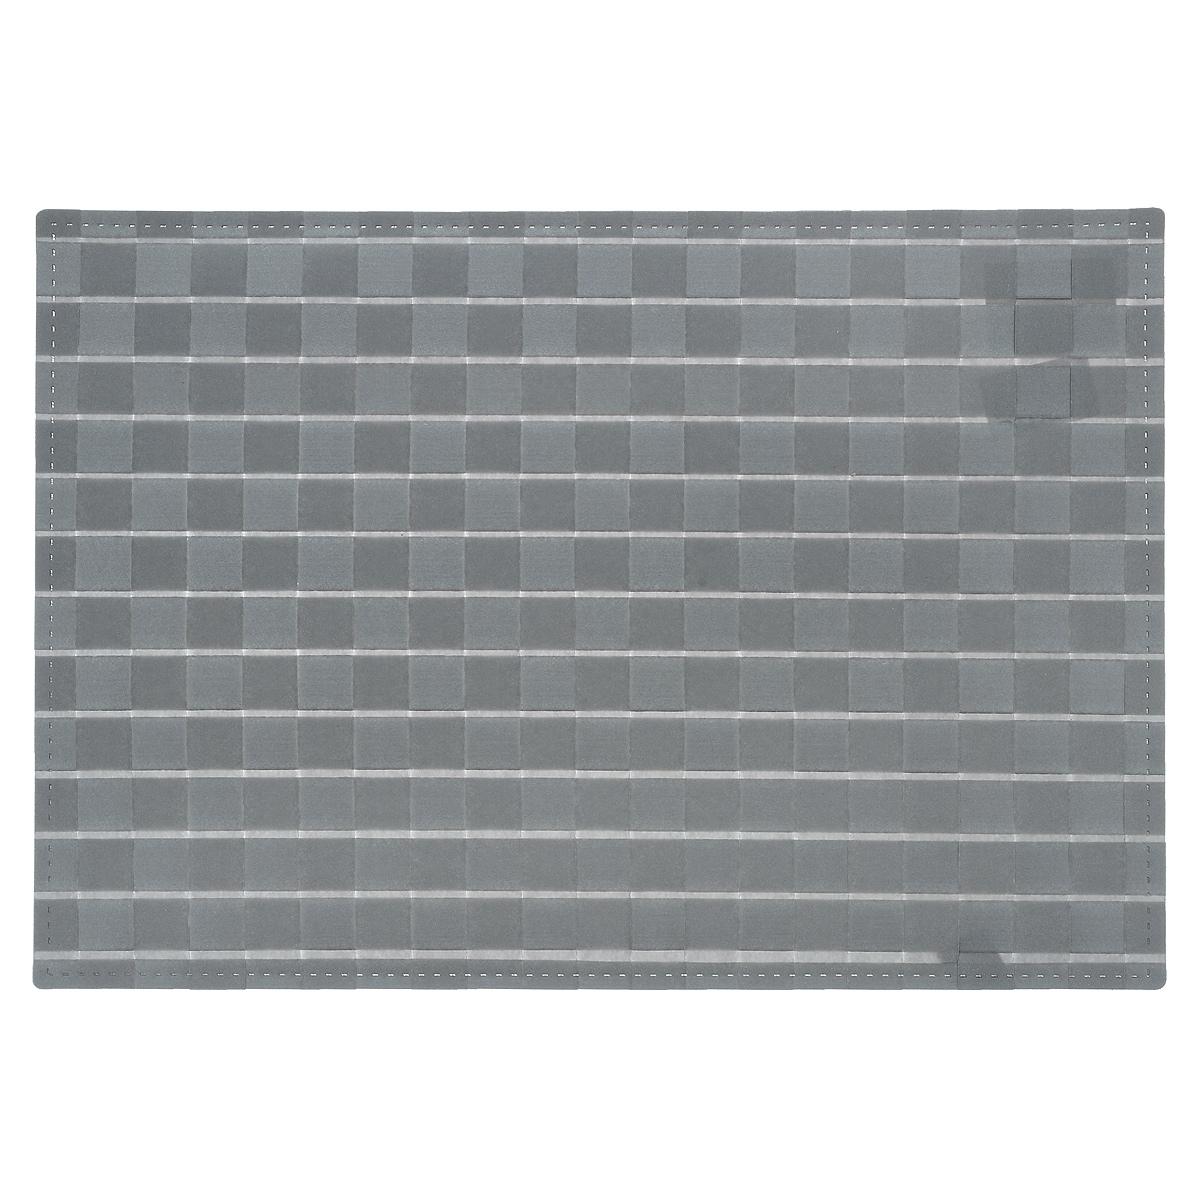 Подставка под горячее Amadeus, цвет: серый, 43 см х 30 см